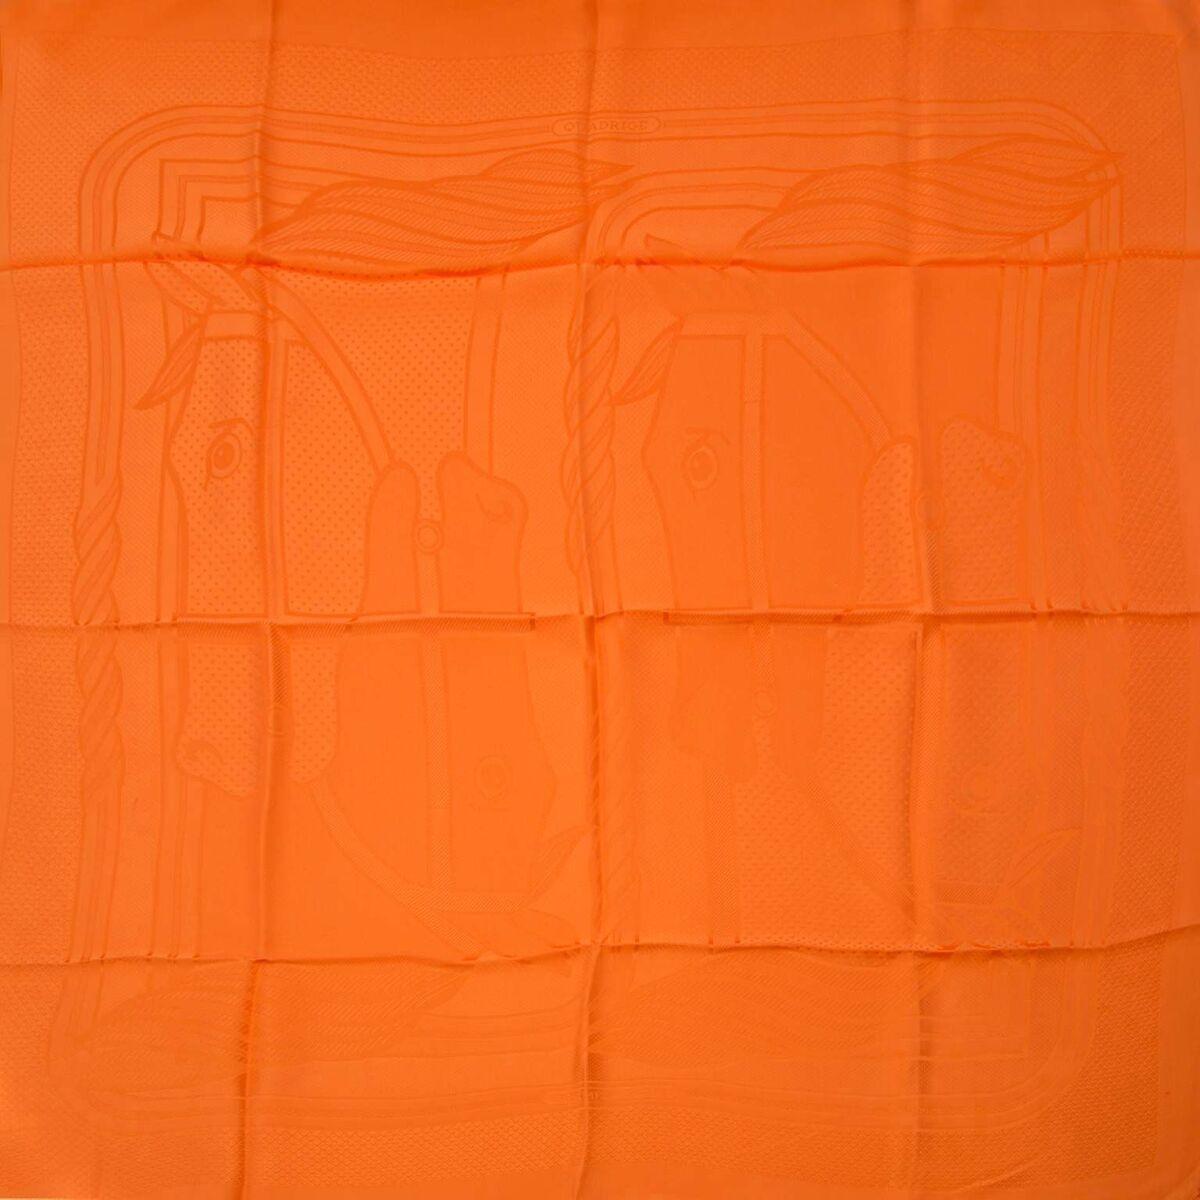 Koop authentieke tweedehands Hermes Jacquard sjaals aan een eerlijke prijs bij LabelLOV. Veilig online shoppen.